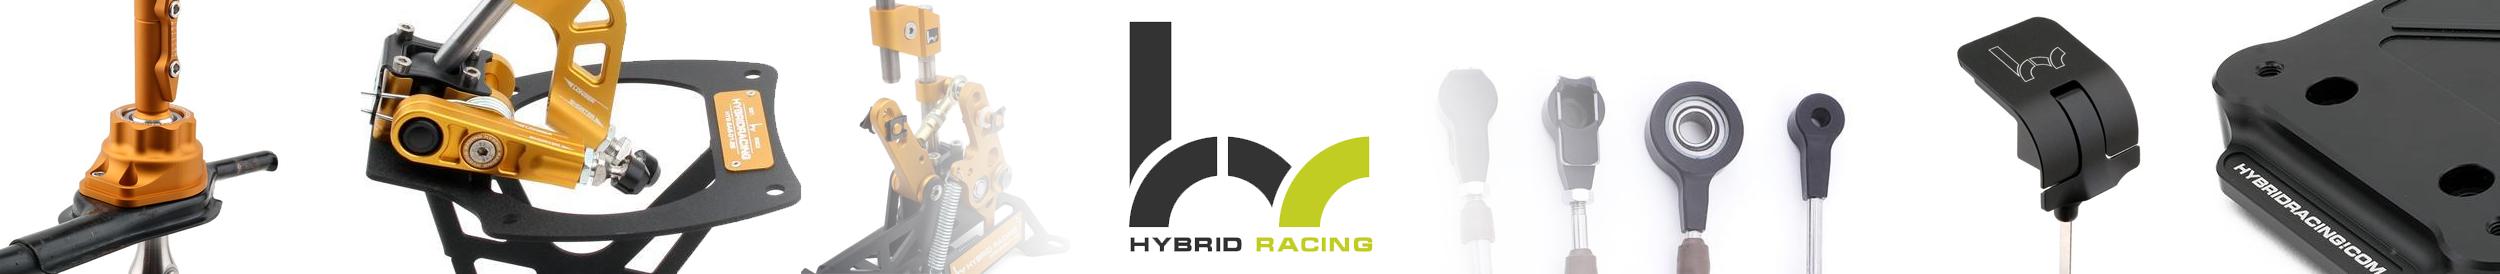 hybrid-header.png